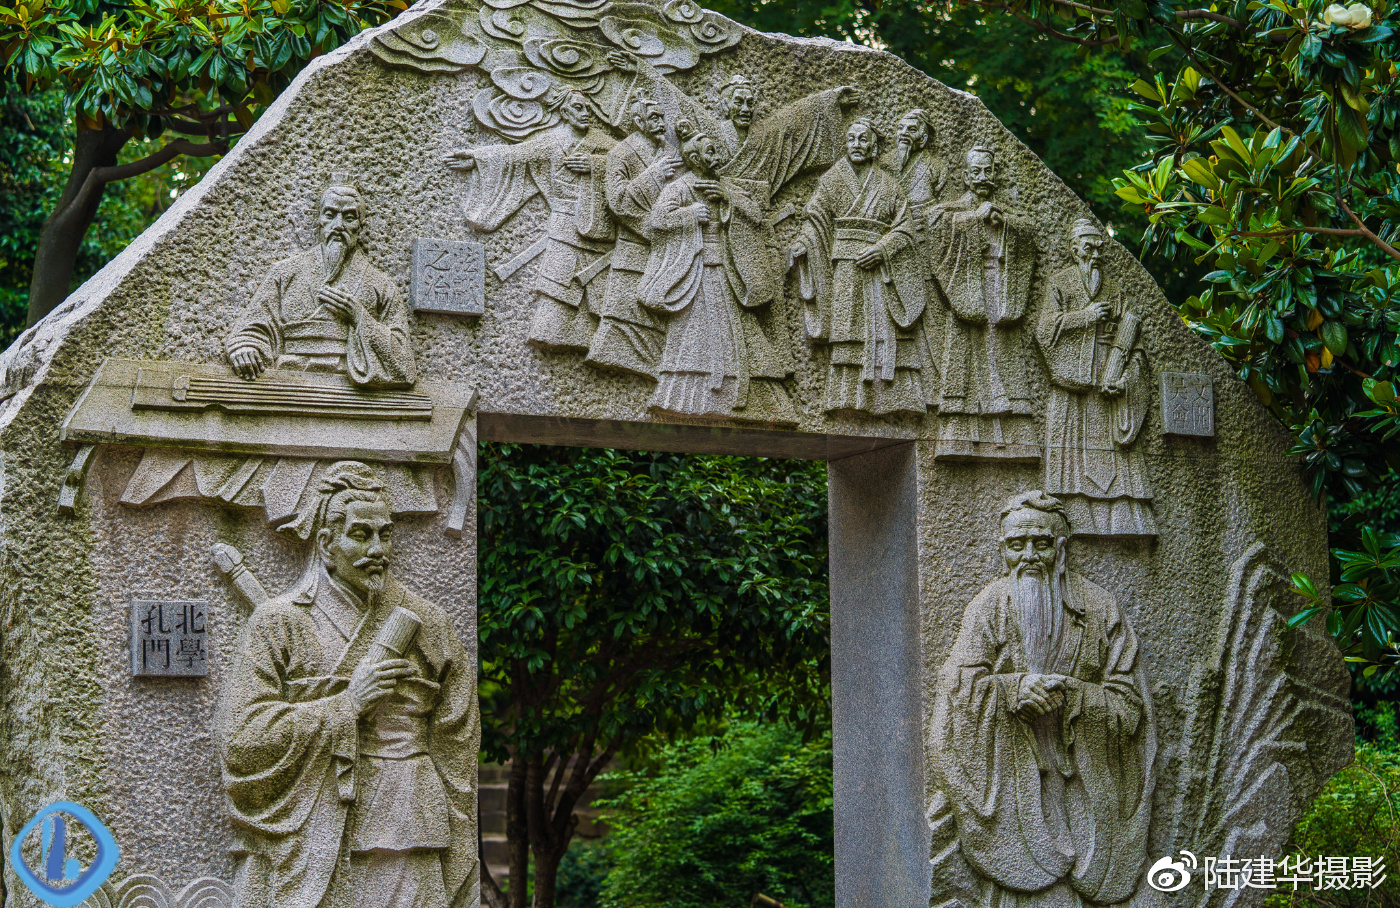 常熟言子墓道 千年虞山下埋葬着孔子唯一的南方传人